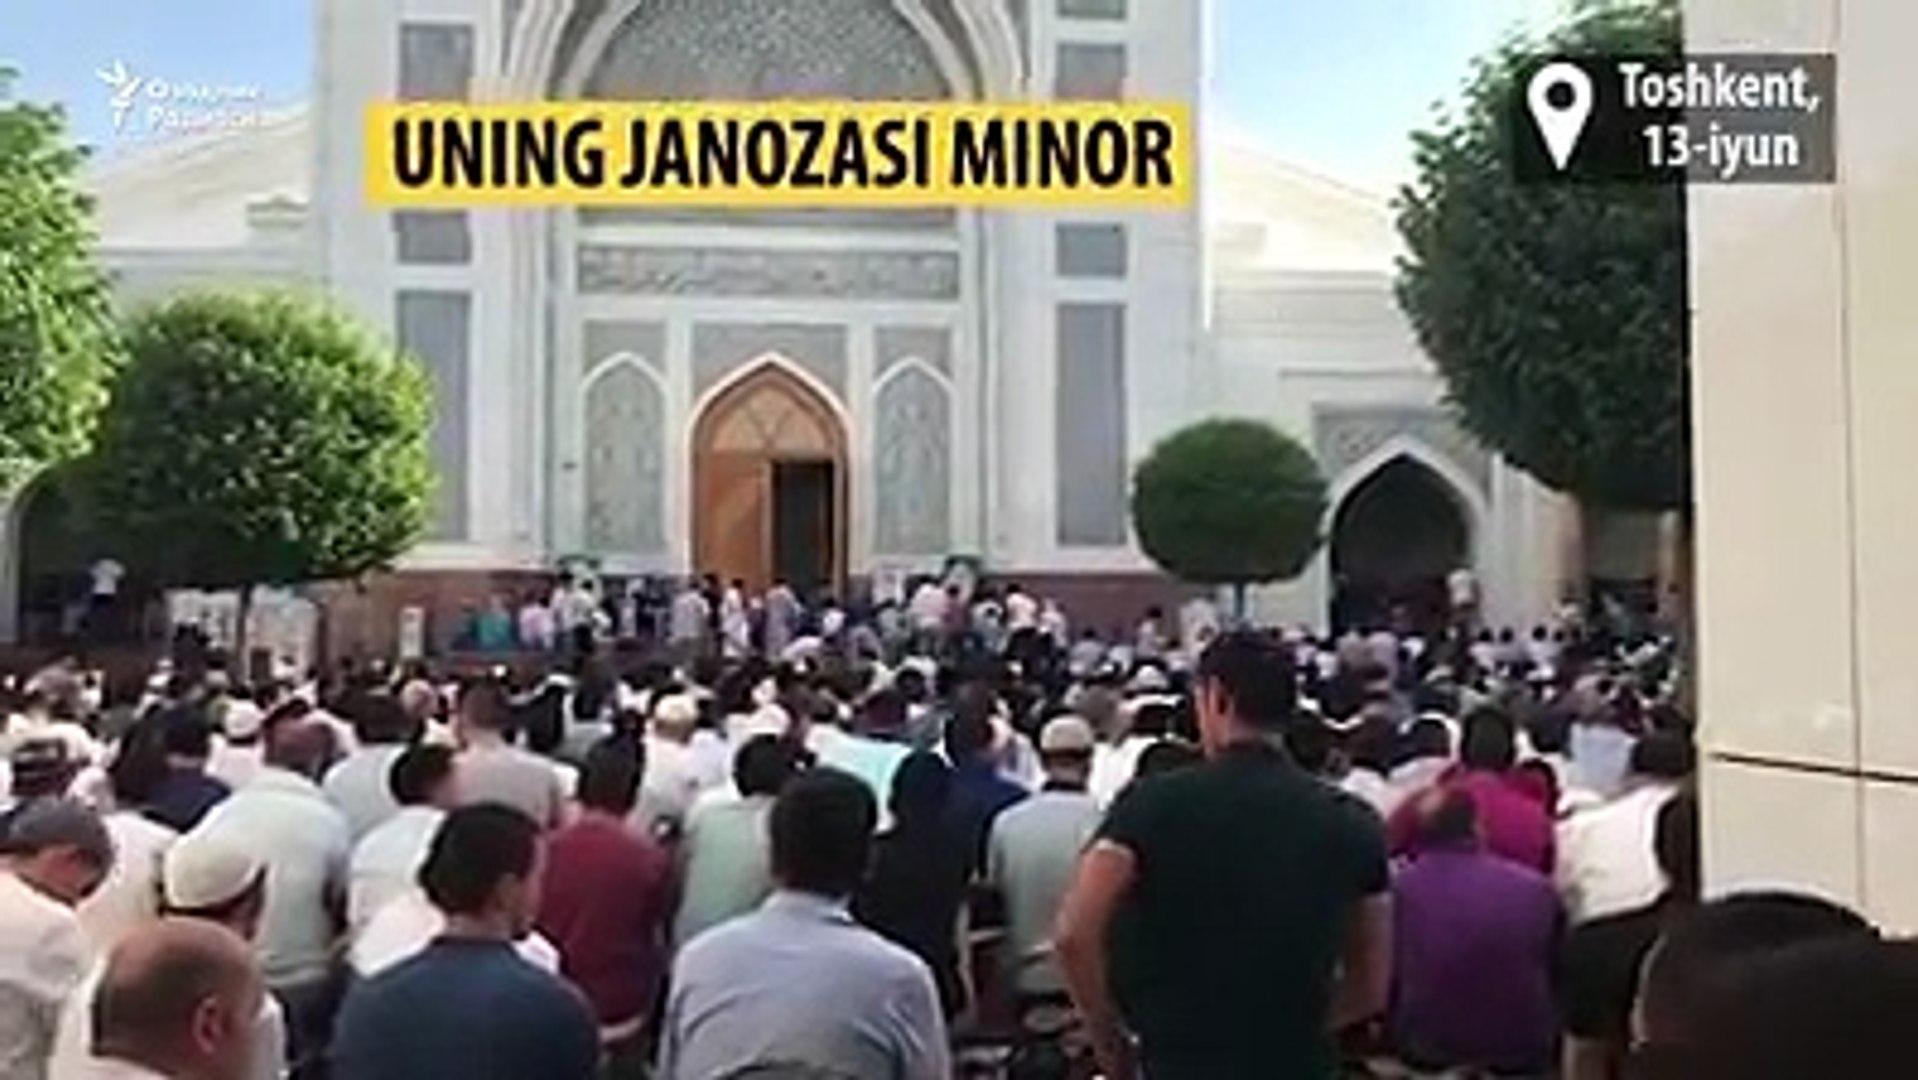 Вечером 13 июня в Ташкенте состоялись похороны главного имам-хатиба столицы Анвара-кори Турсунова. С 18:00 до 20:00 по местному времени в узбекской столице были